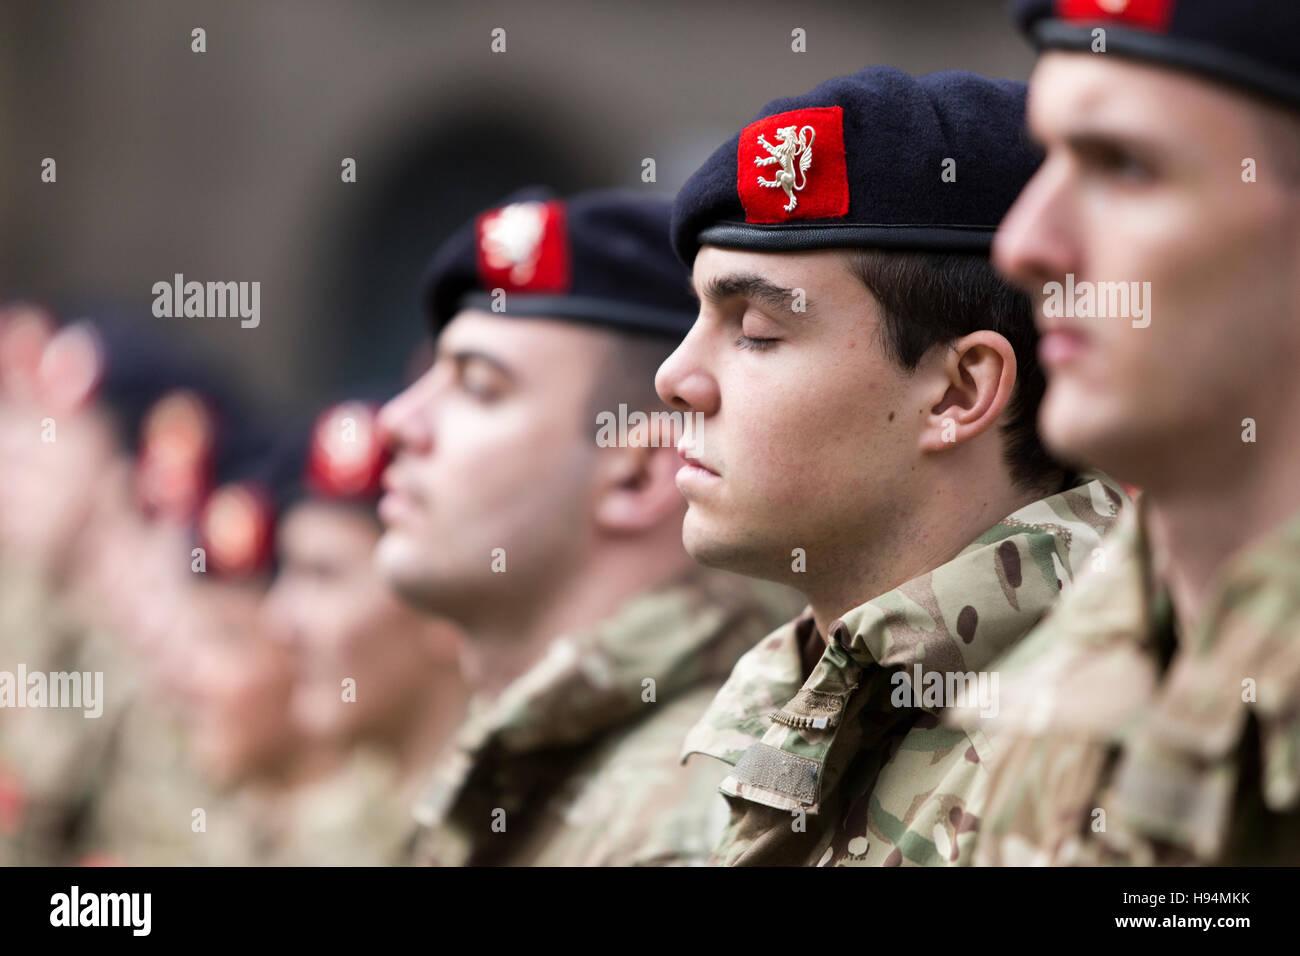 Dimanche du souvenir à Manchester aujourd'hui (dimanche 13 novembre 2016) dimanche du Jour du Souvenir Photo Stock